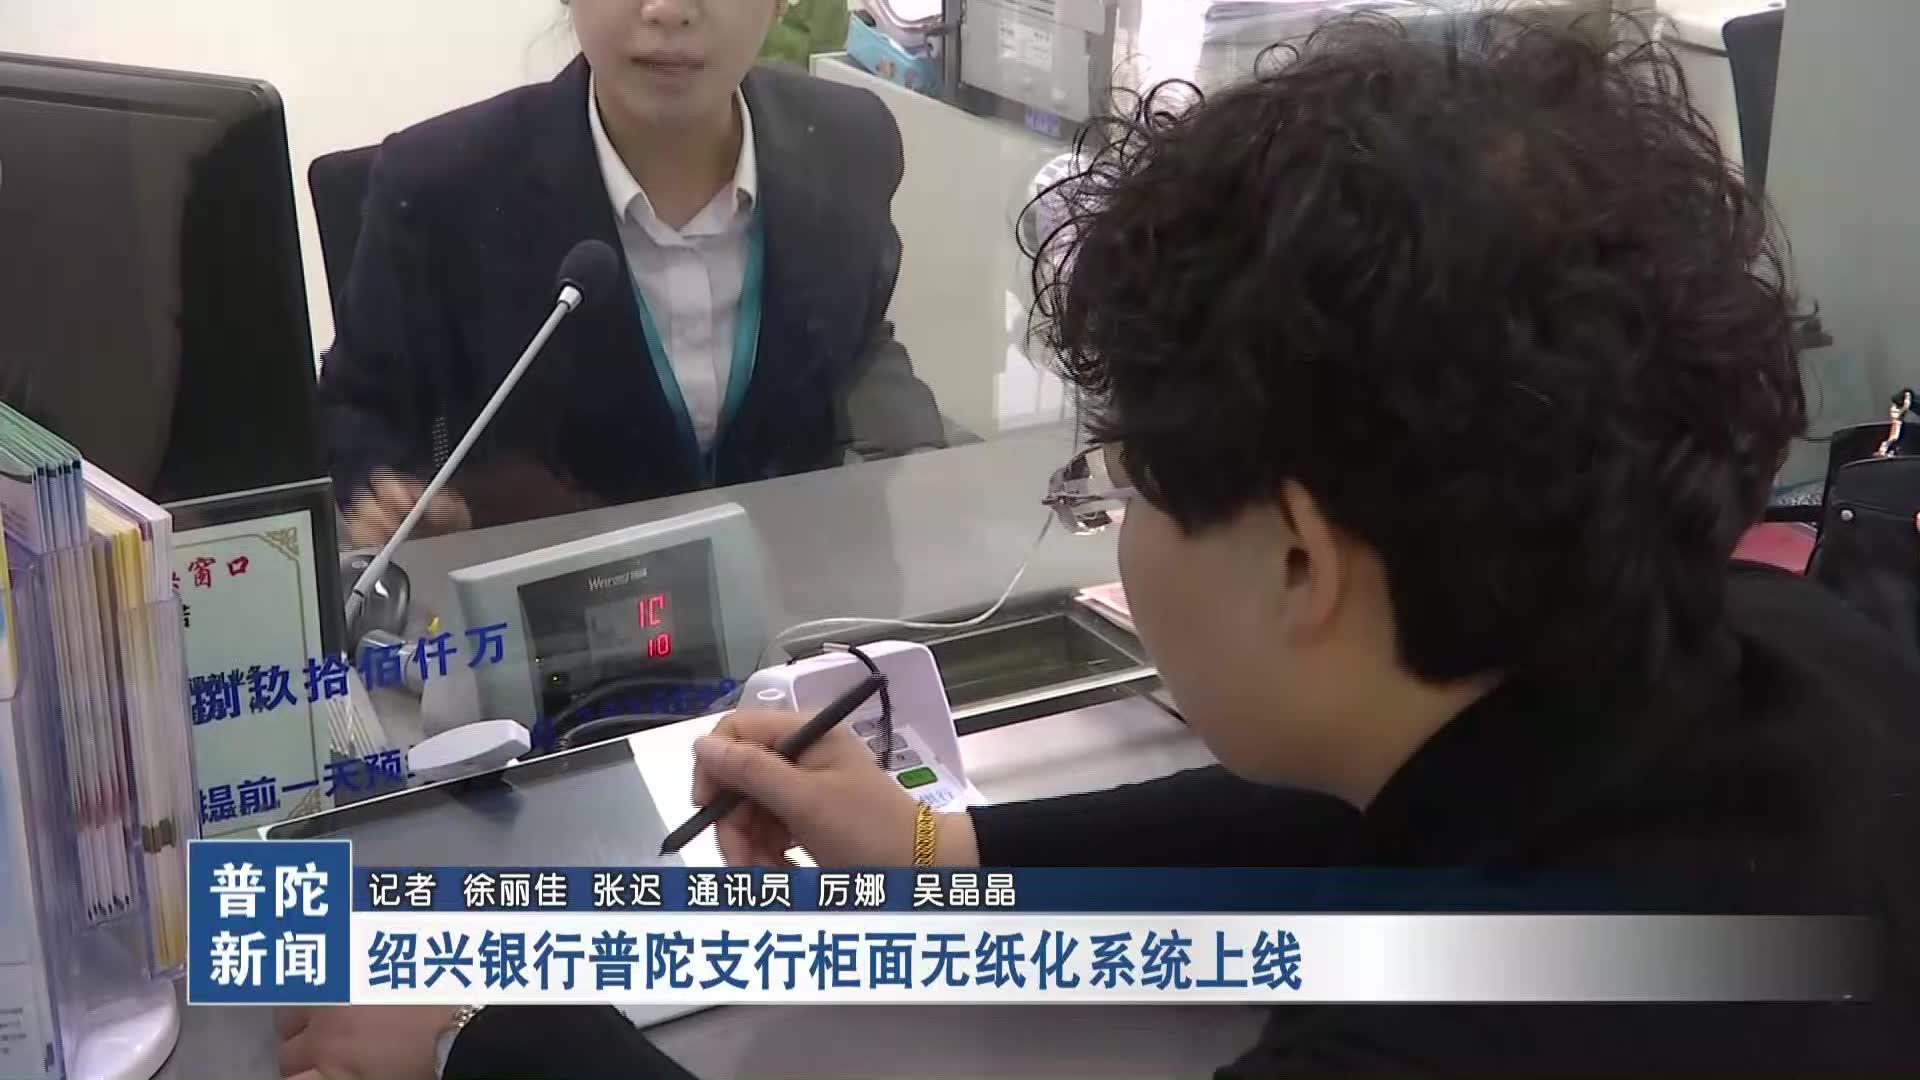 绍兴银行普陀支行柜面无纸化系统上线